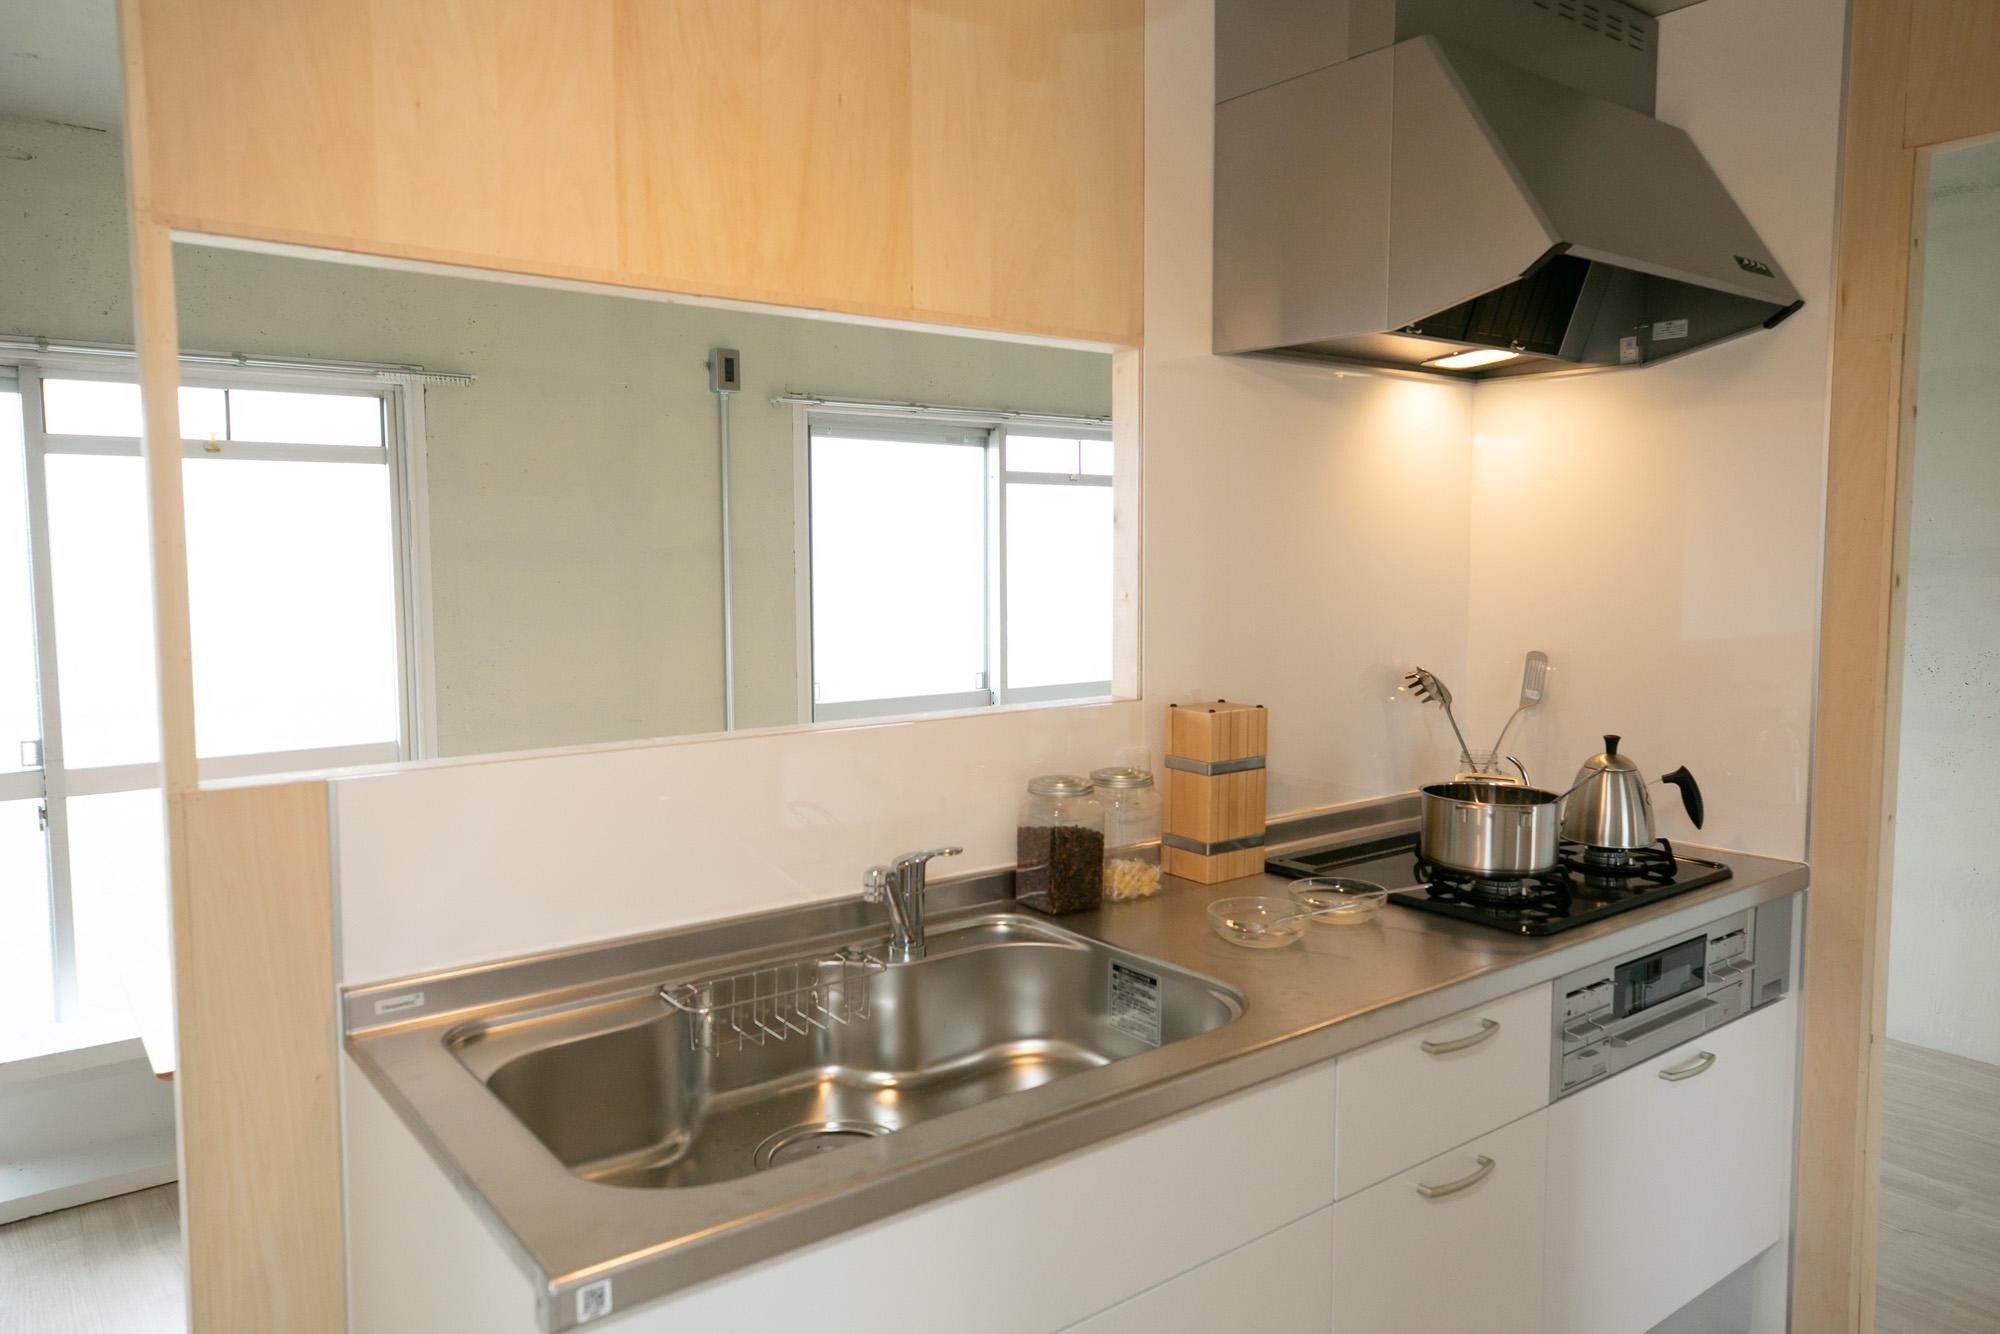 部屋の真ん中に配置されているシステムキッチン。バルコニー側に開口があって、眺めもいいんです。